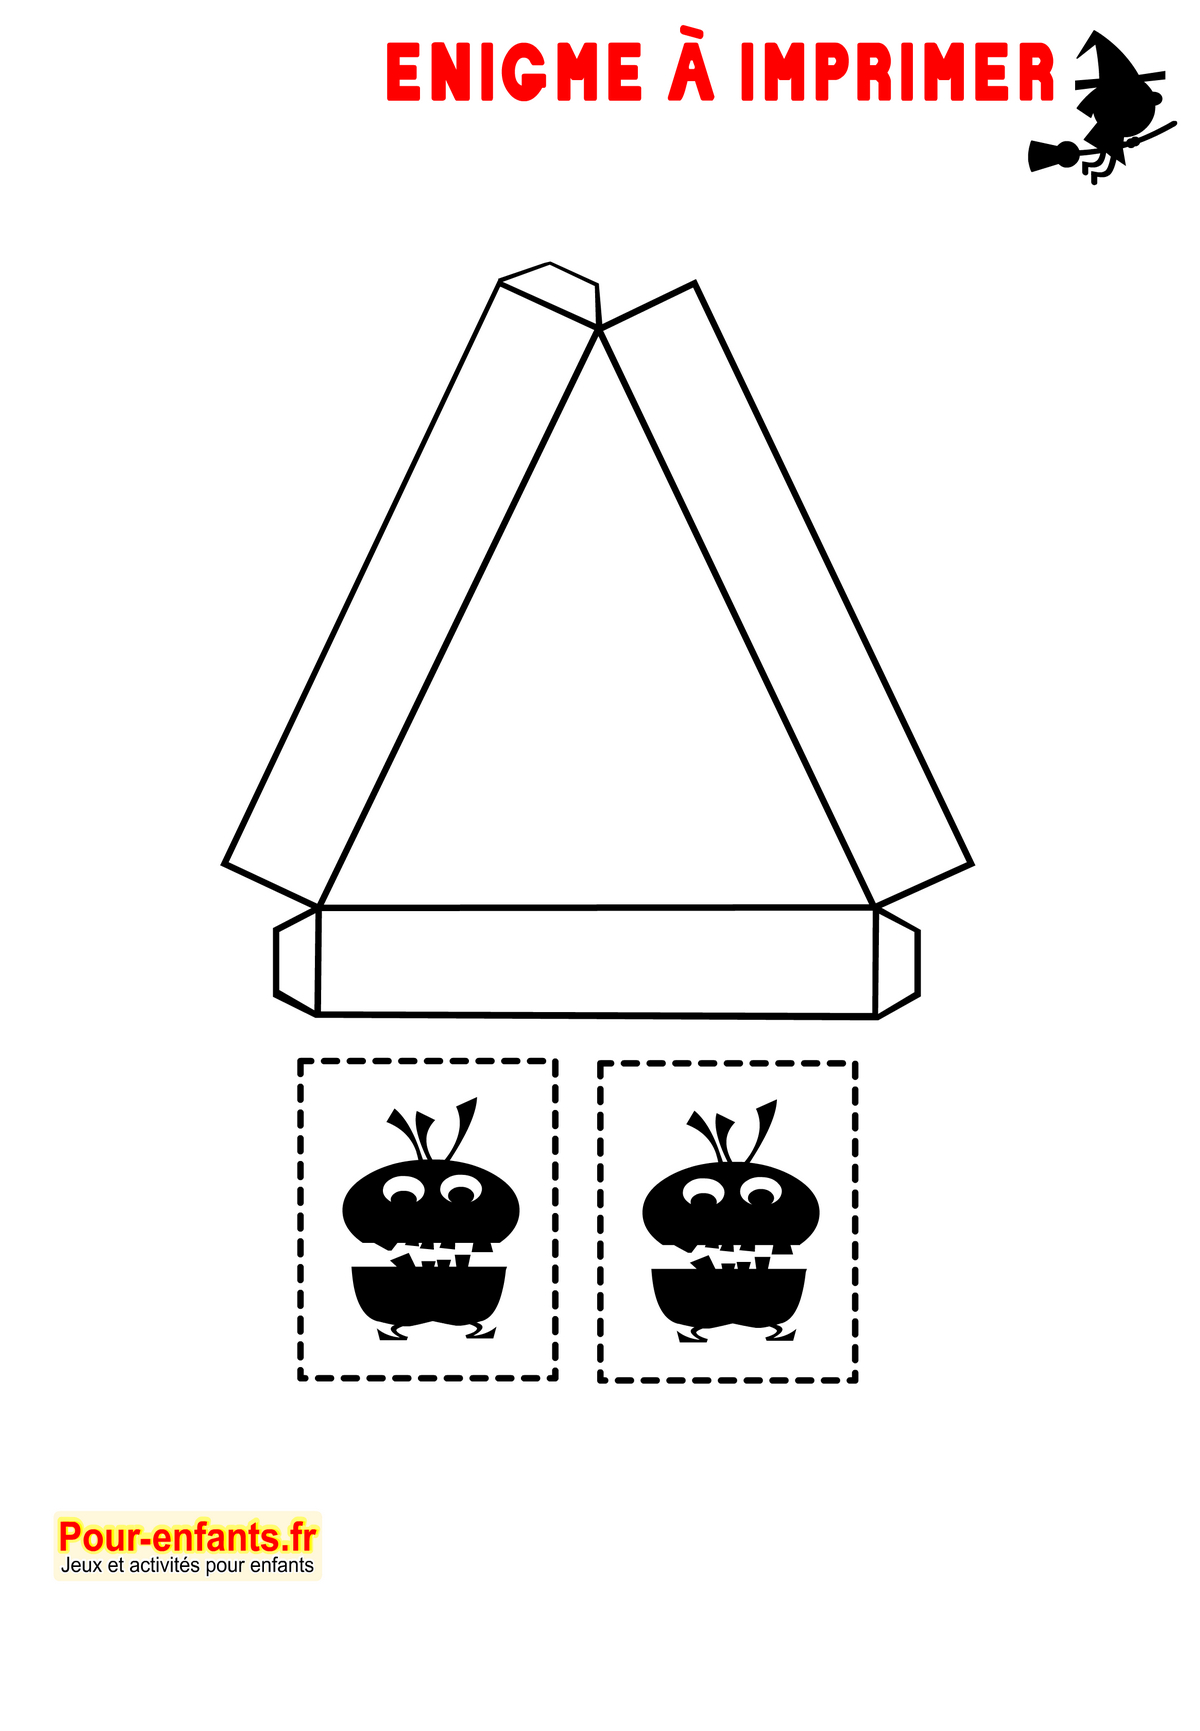 Enigmes Idées Activités Jeux À Imprimer Halloween Bricolage avec Bricolage À Imprimer Gratuit